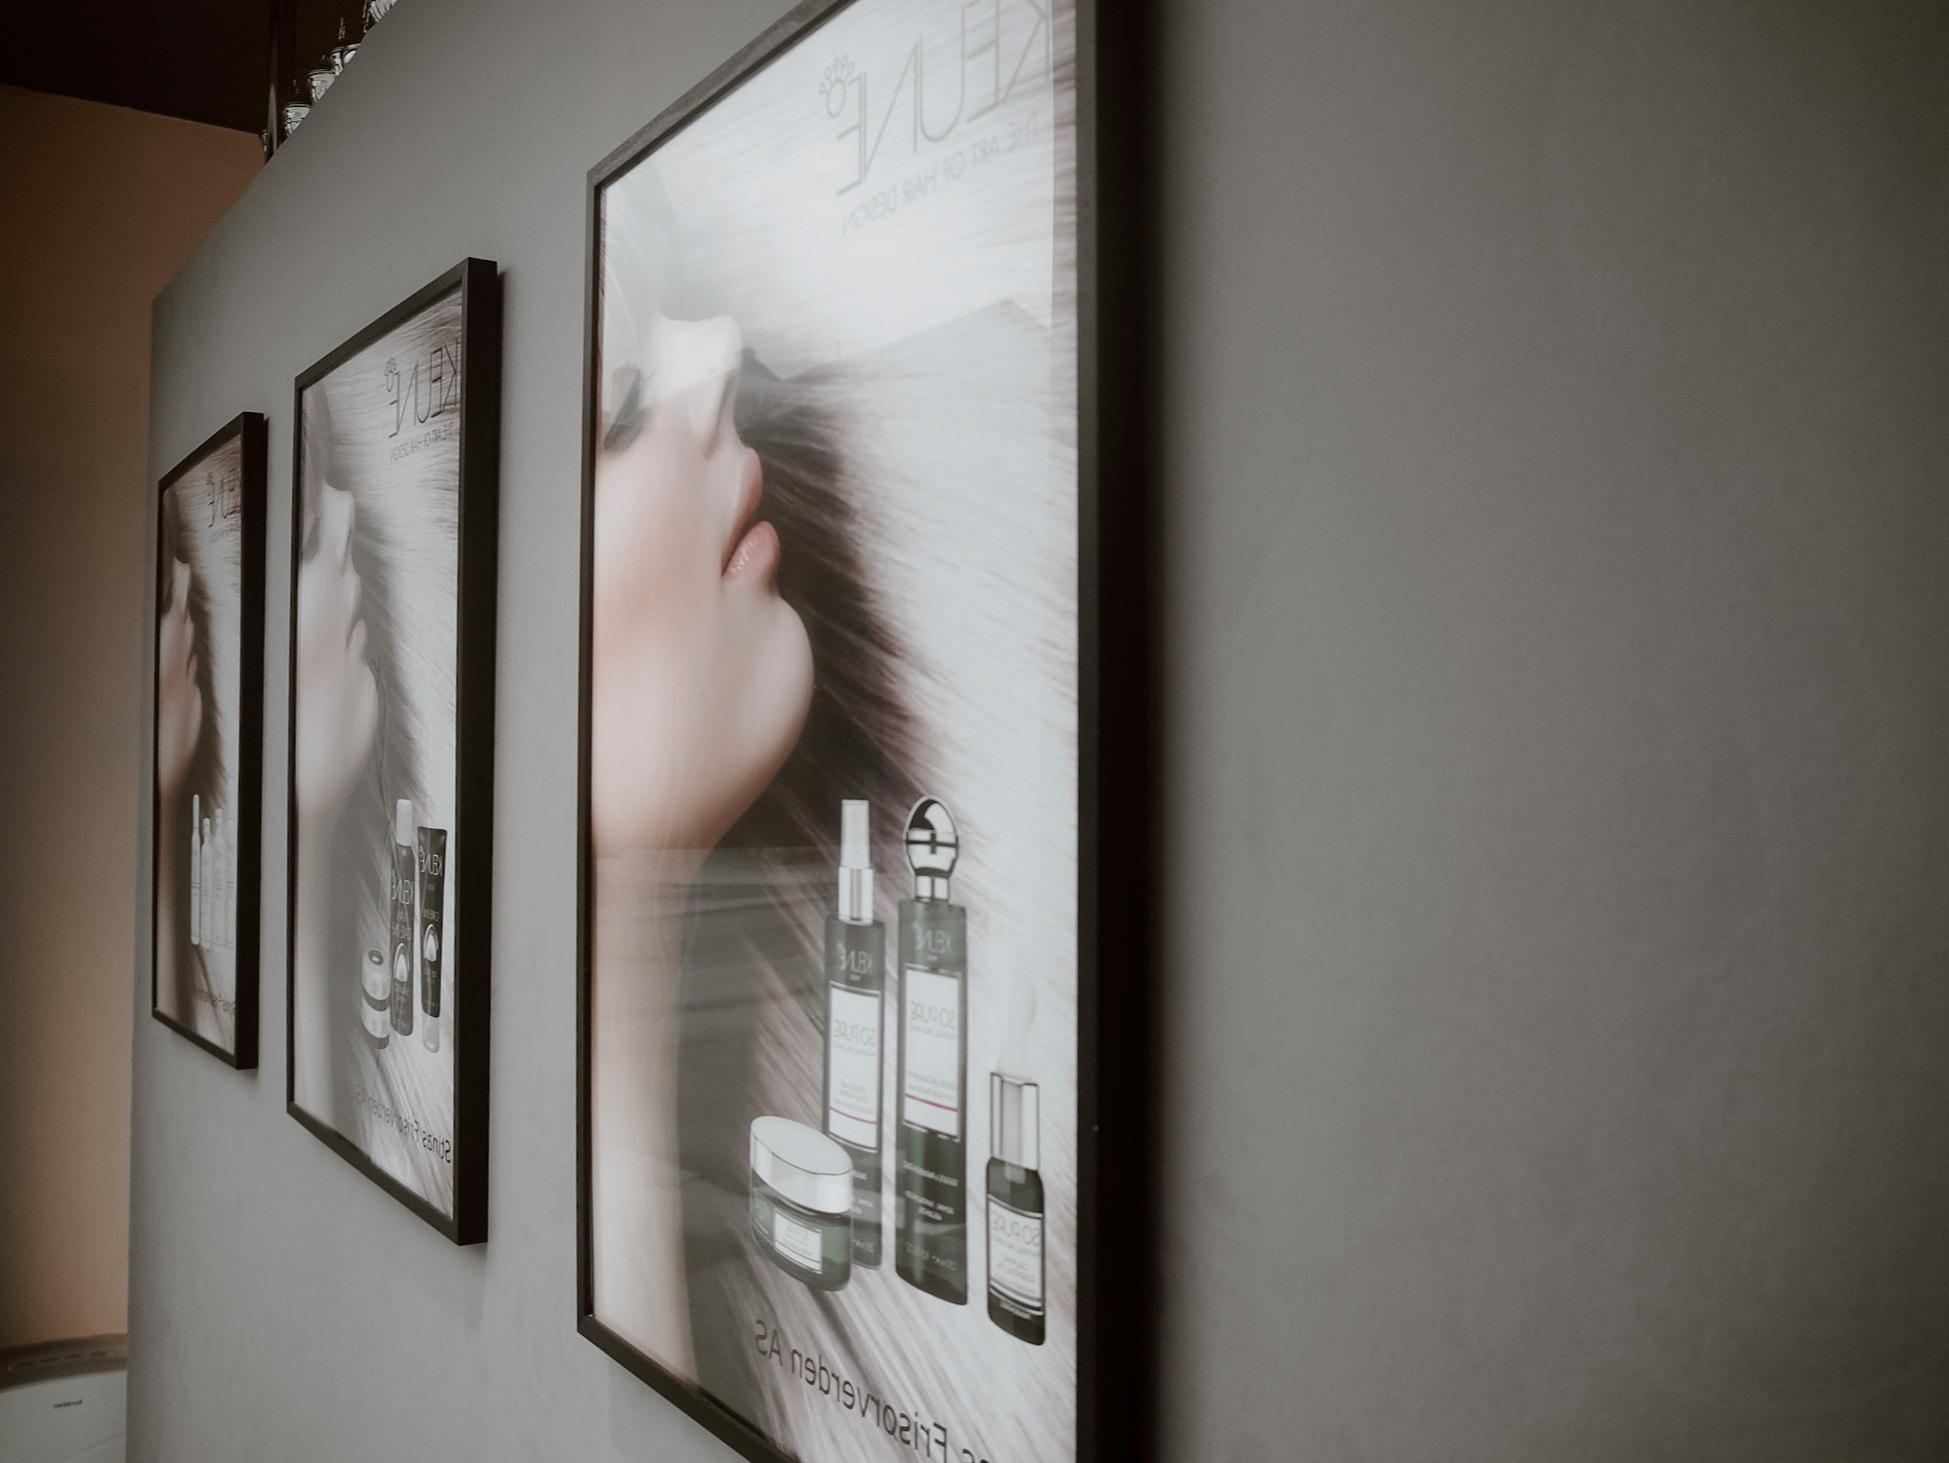 Bli inspirert av fine bilder og fantastiske produkter - -Keune, Stinas Frisørverden